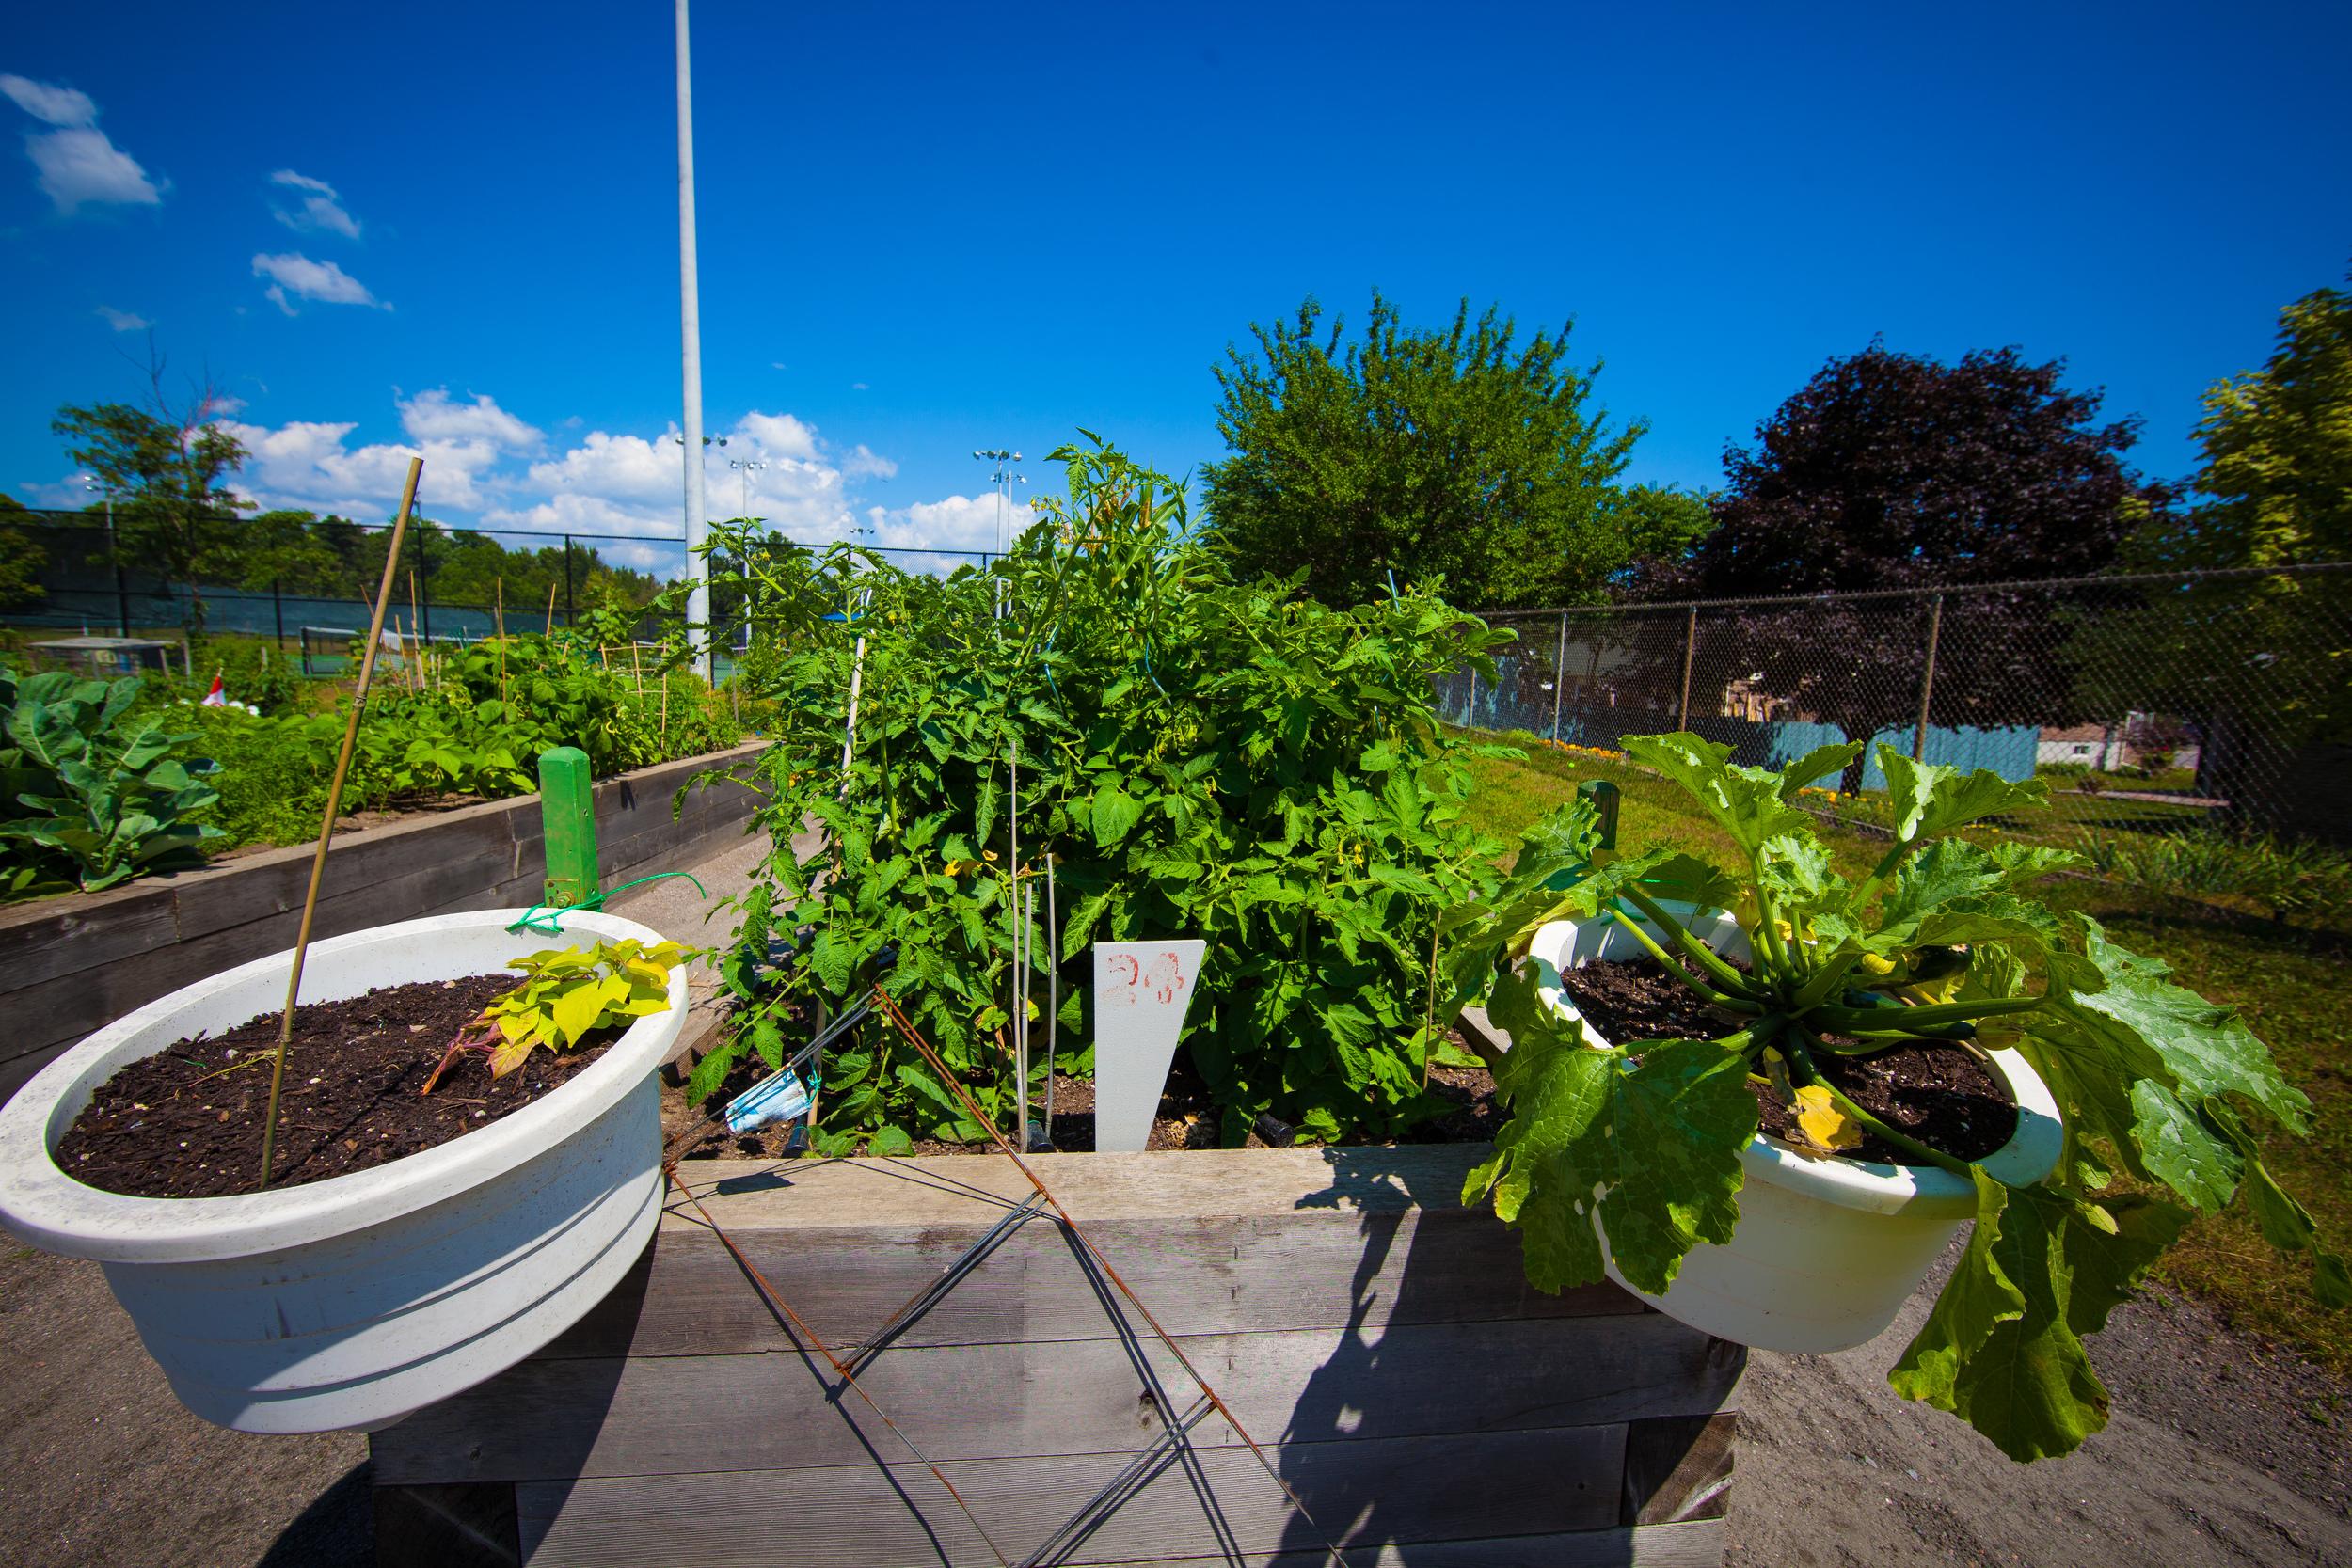 GardenTour2015-52.jpg